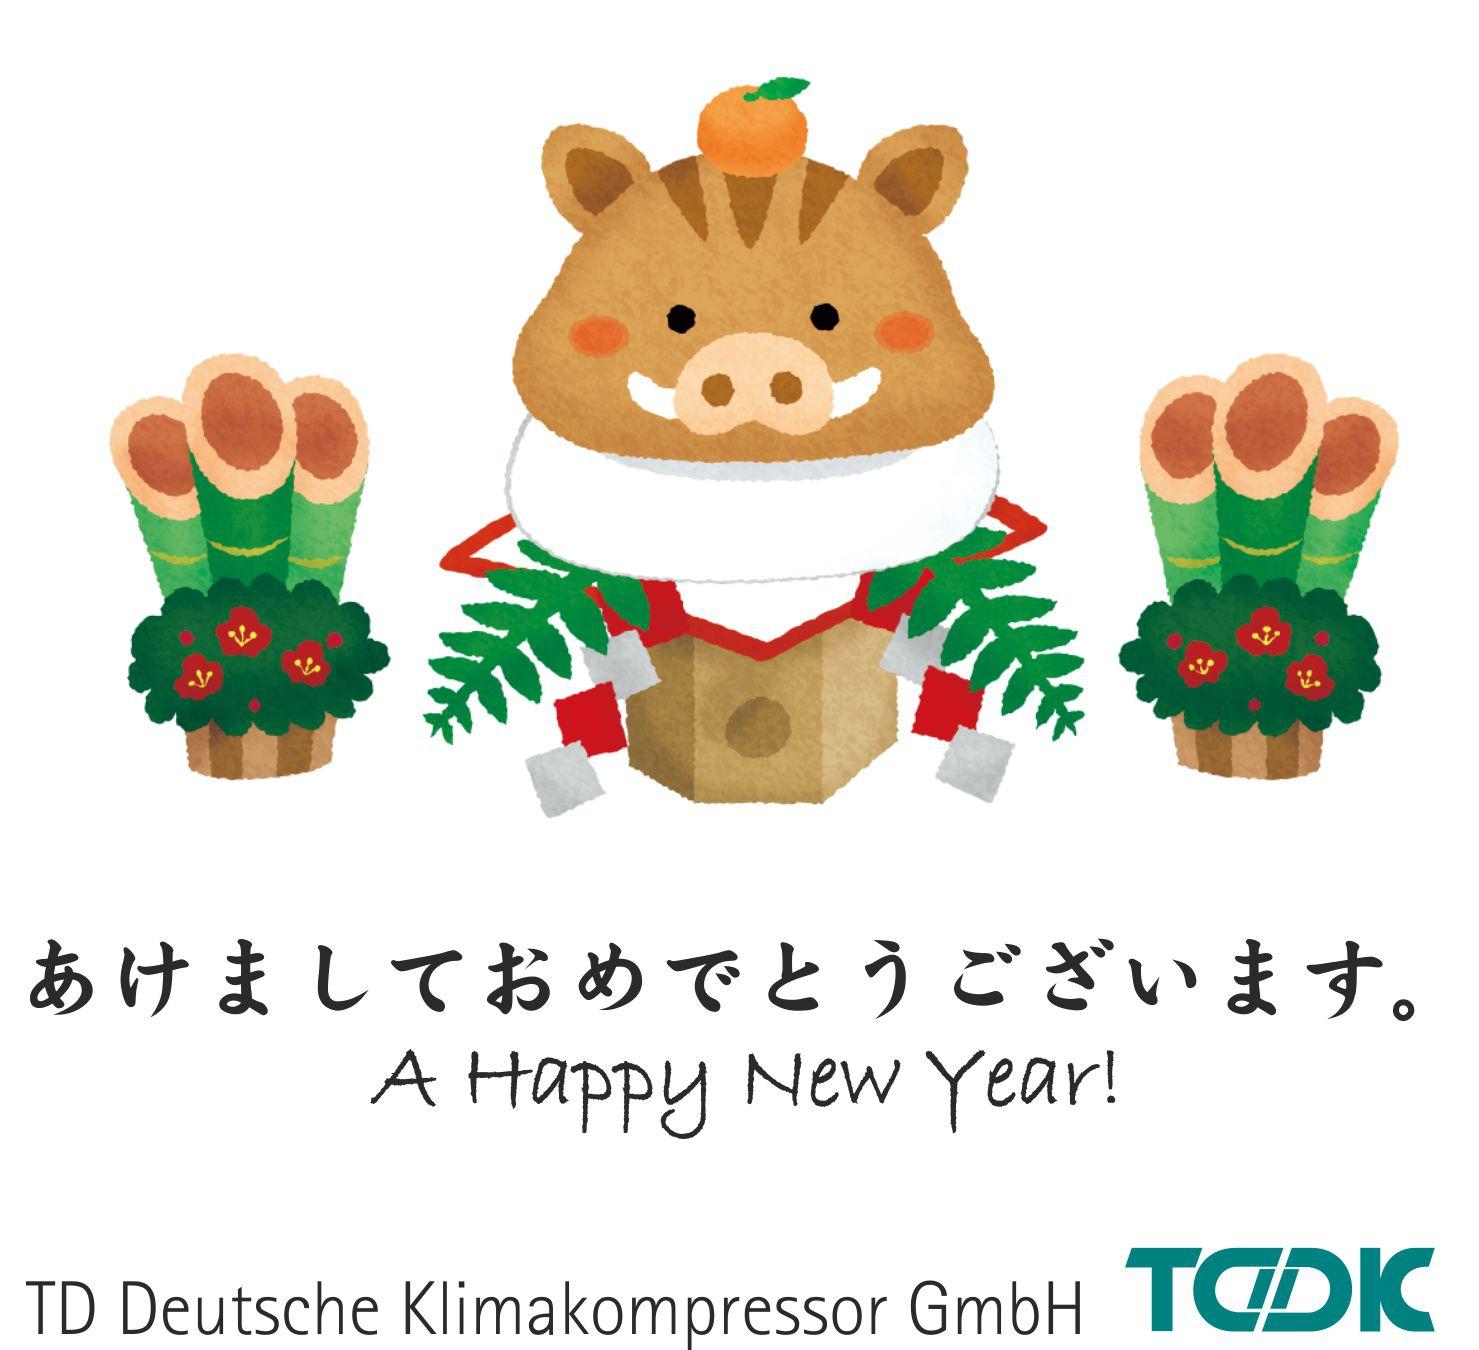 TDDK - Beiträge - Neujahrsgruß 2019